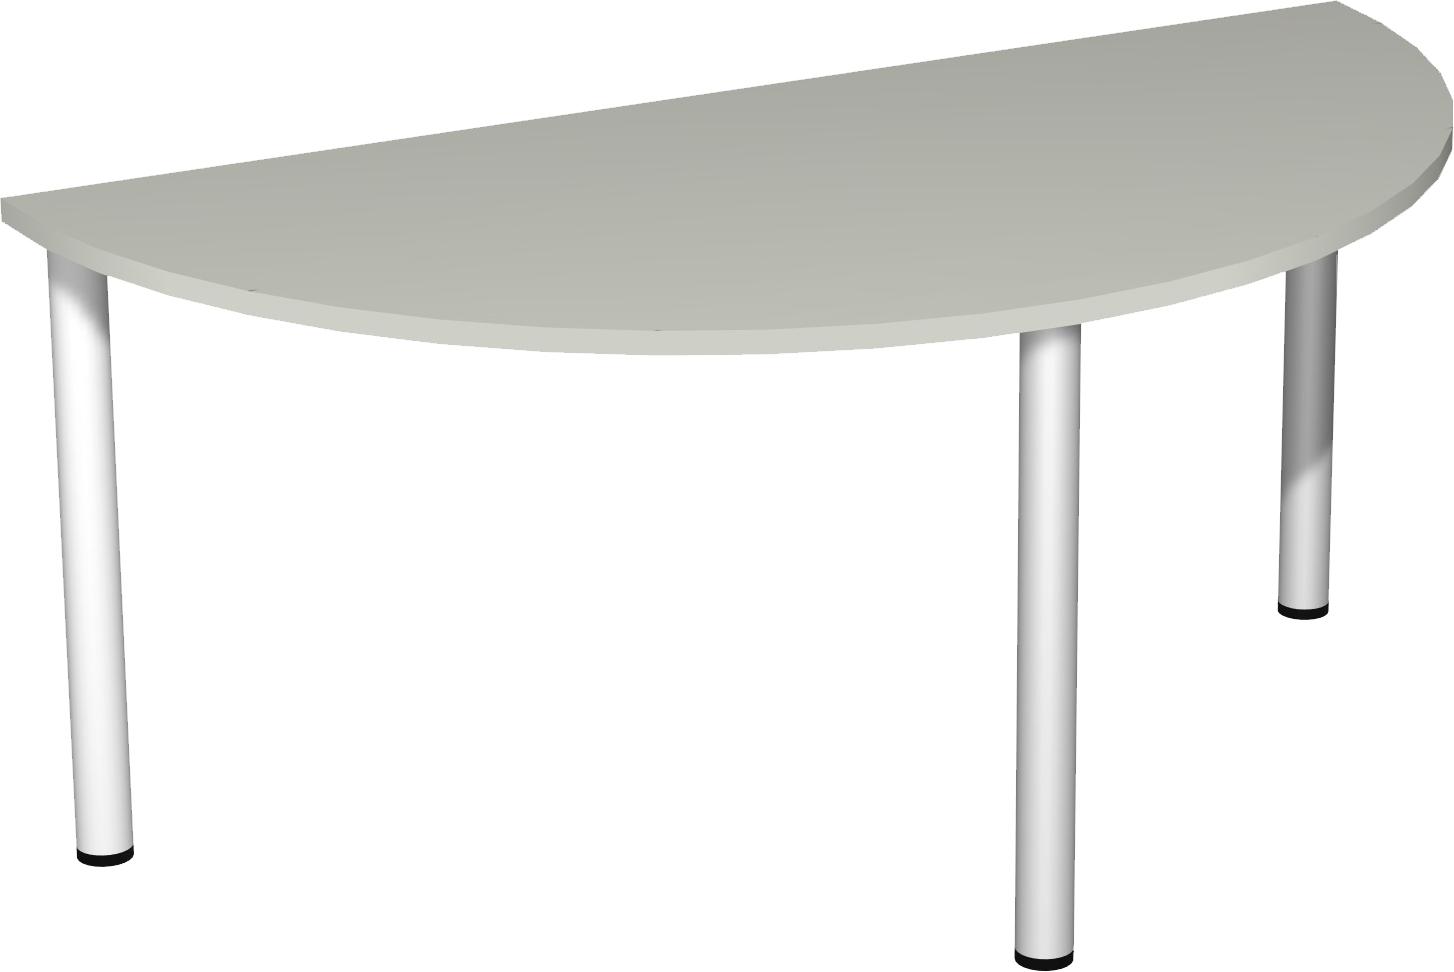 Konferenztisch halbkreis 160 cm breit mit rundfu for Schlafzimmerschrank 160 cm breit